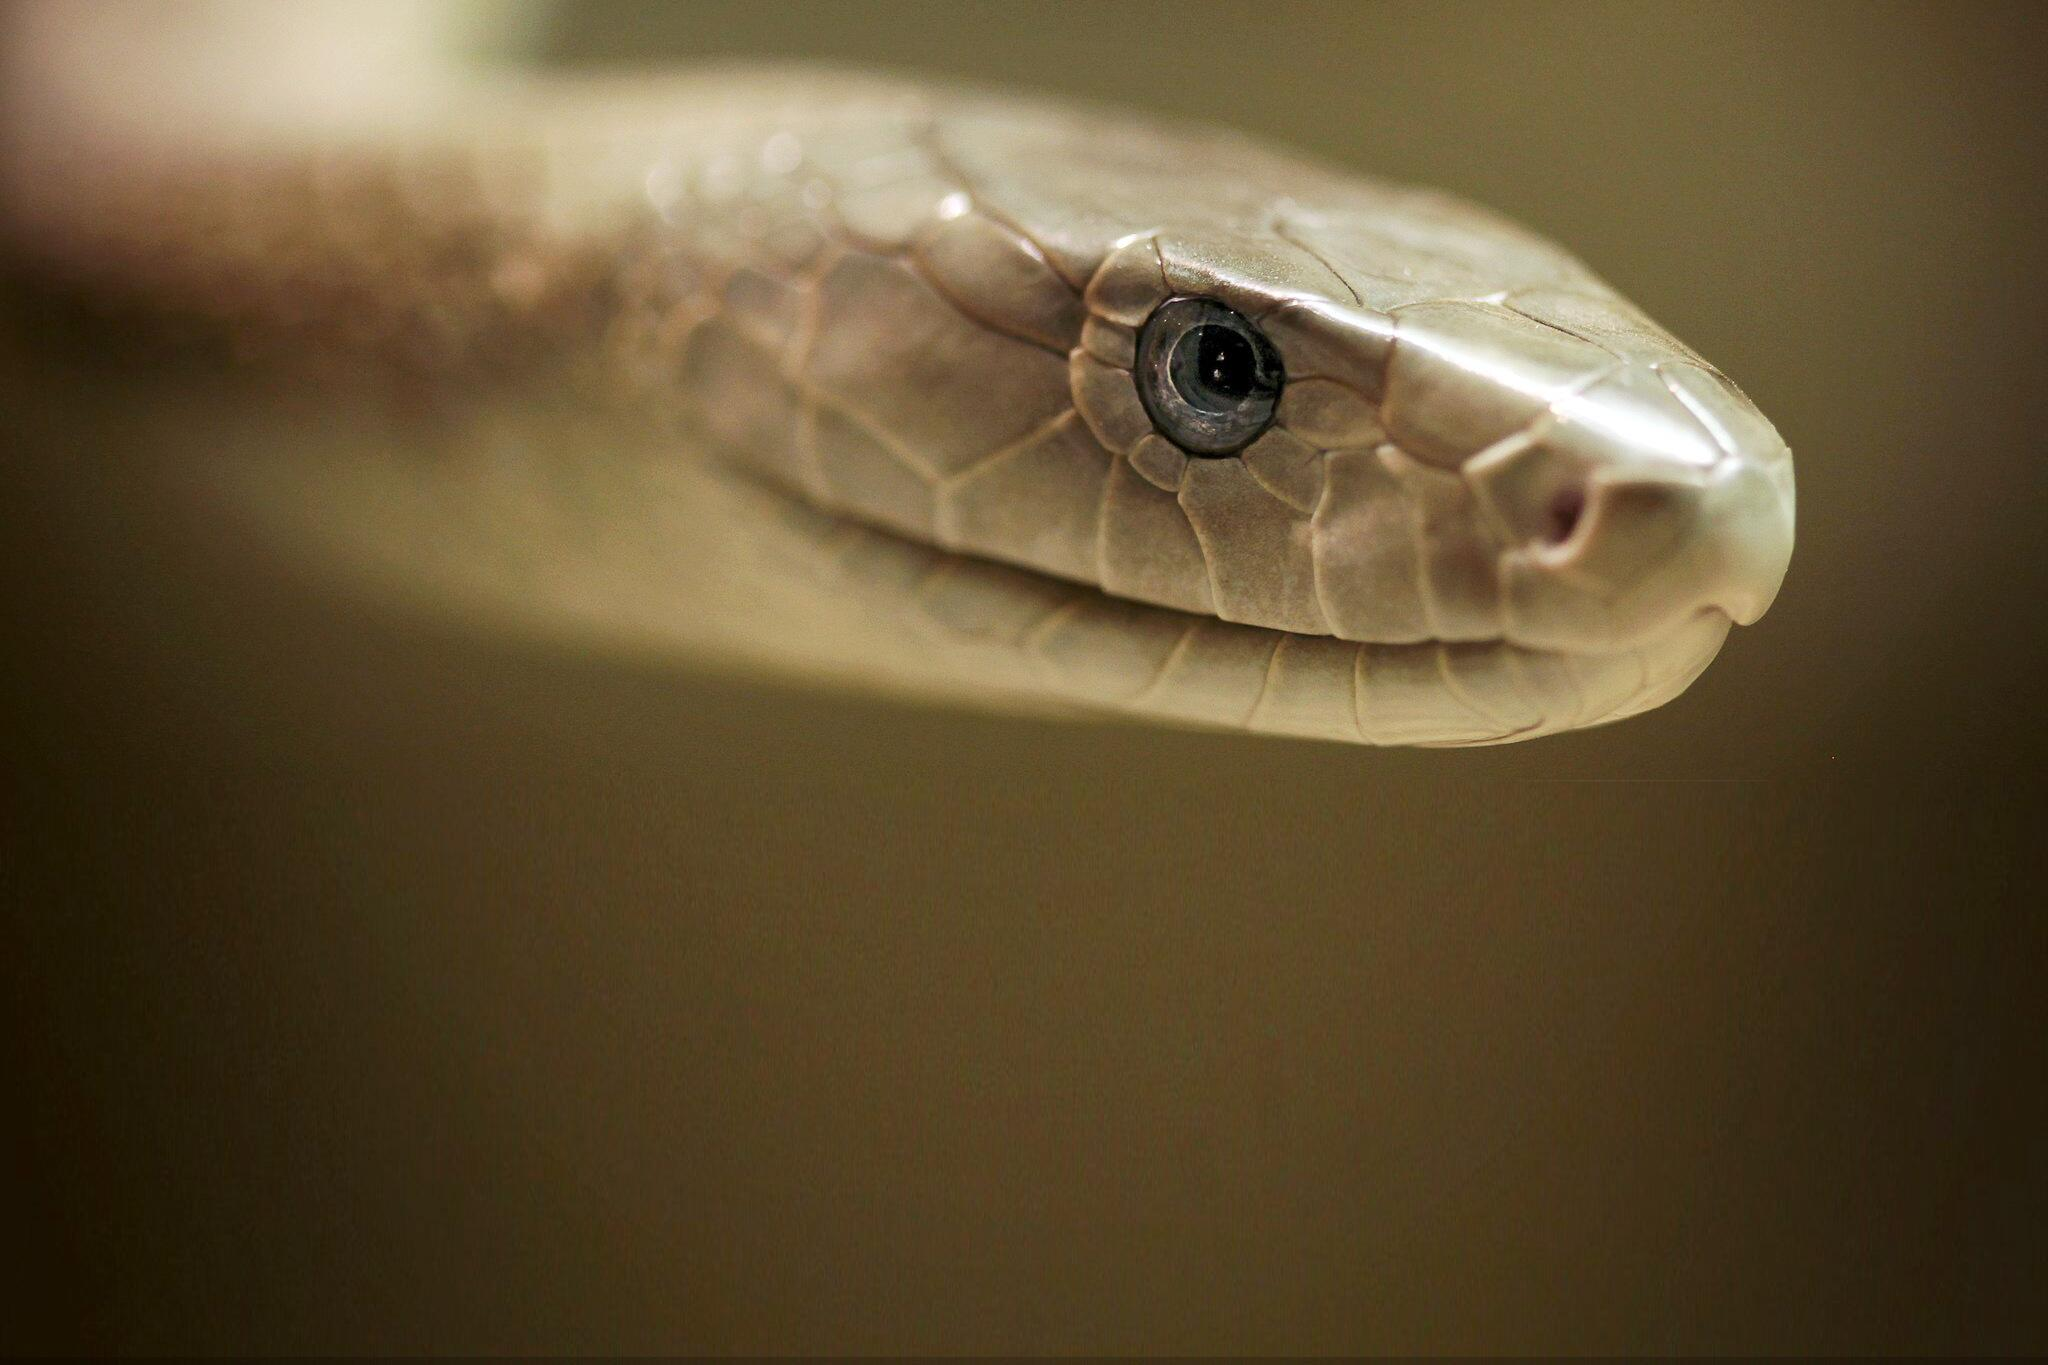 Bild zu Schlangen, Giftschlangen, Tote, Bisse, WHO, Weltgesundheitsorganisation, Schwarze Mamba, Afrika